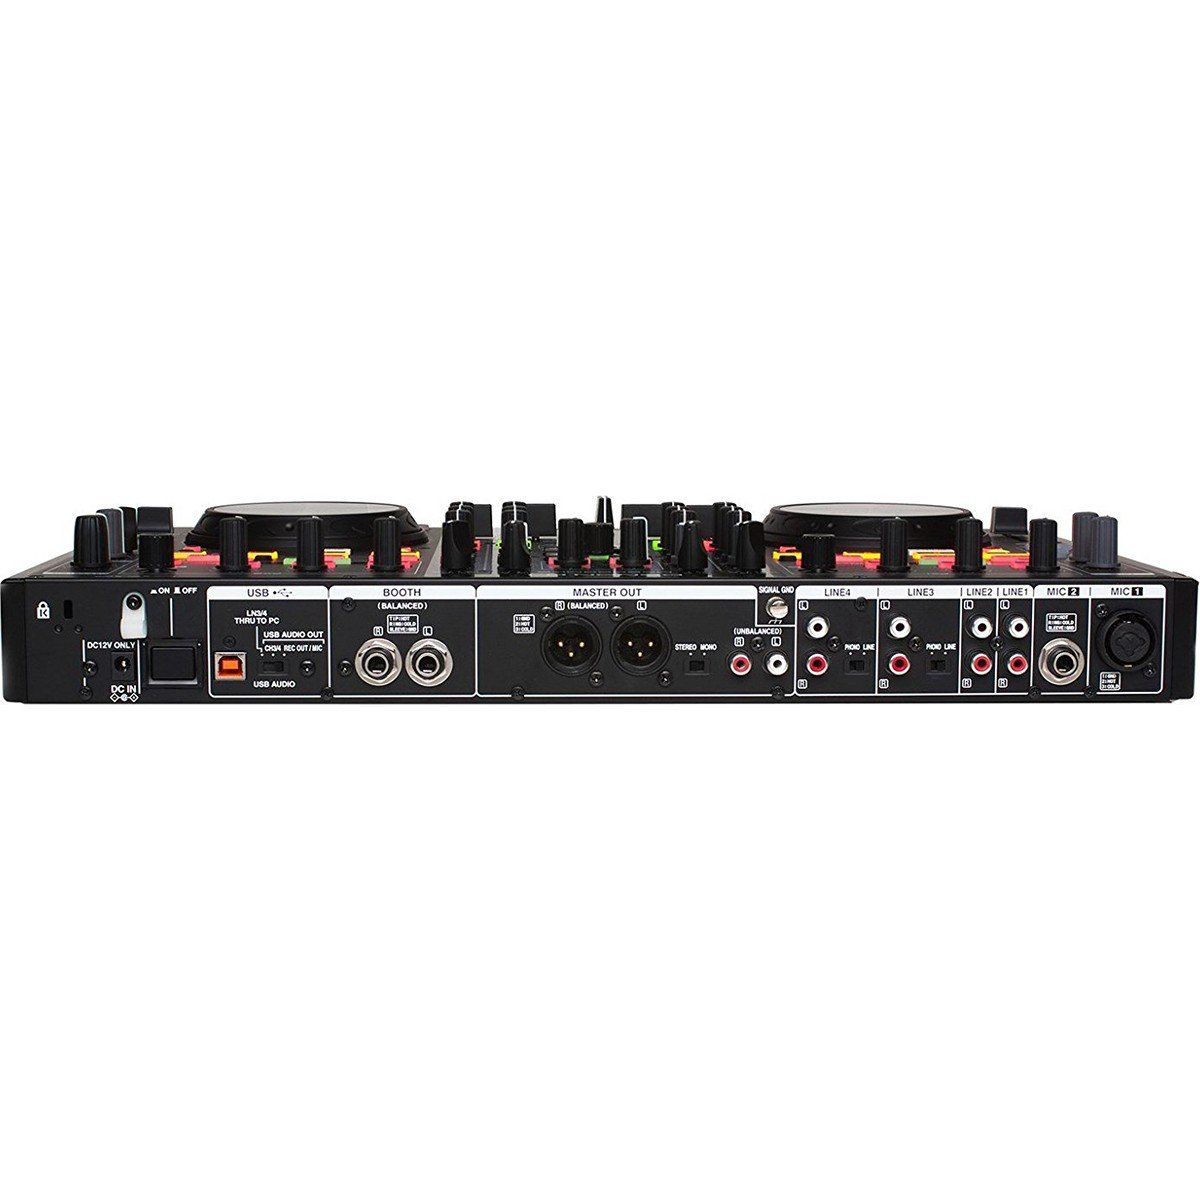 Denon MC6000 MK2 Controladora Dj MC 6000 4-Decks 4-Canais Serato Dj